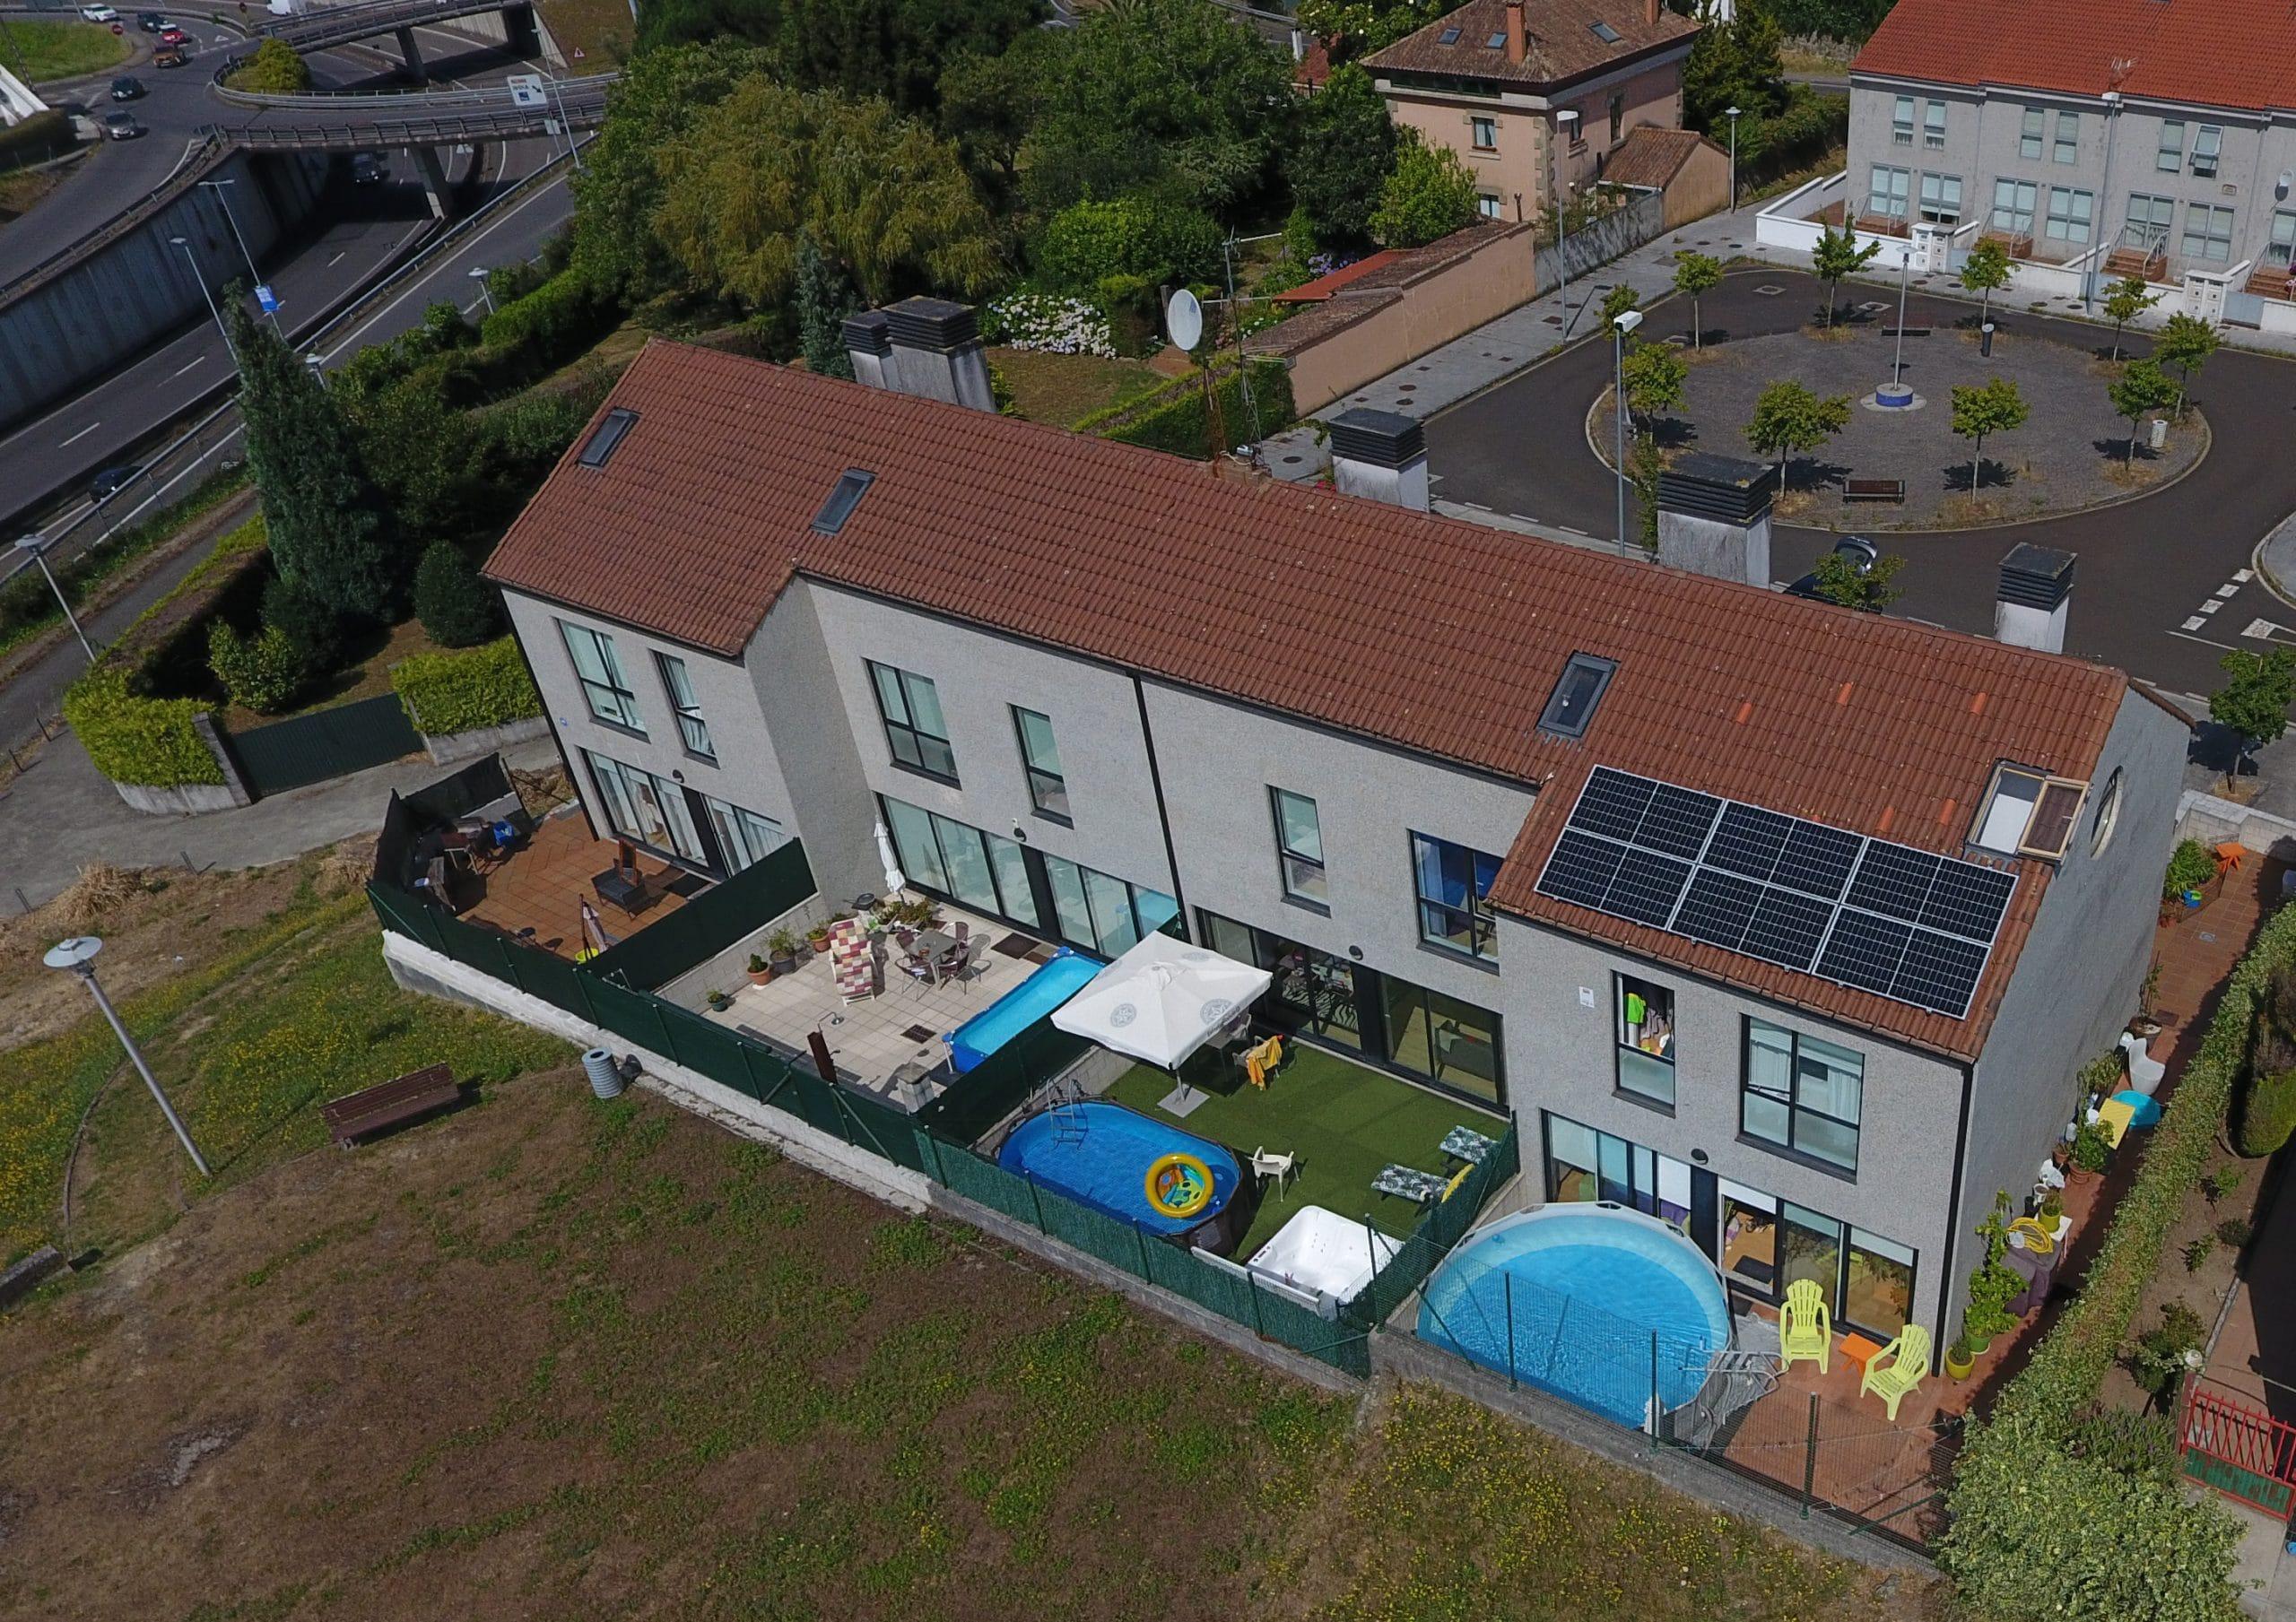 Instalación fotovoltaica para autoconsumo vivienda unifamiliar